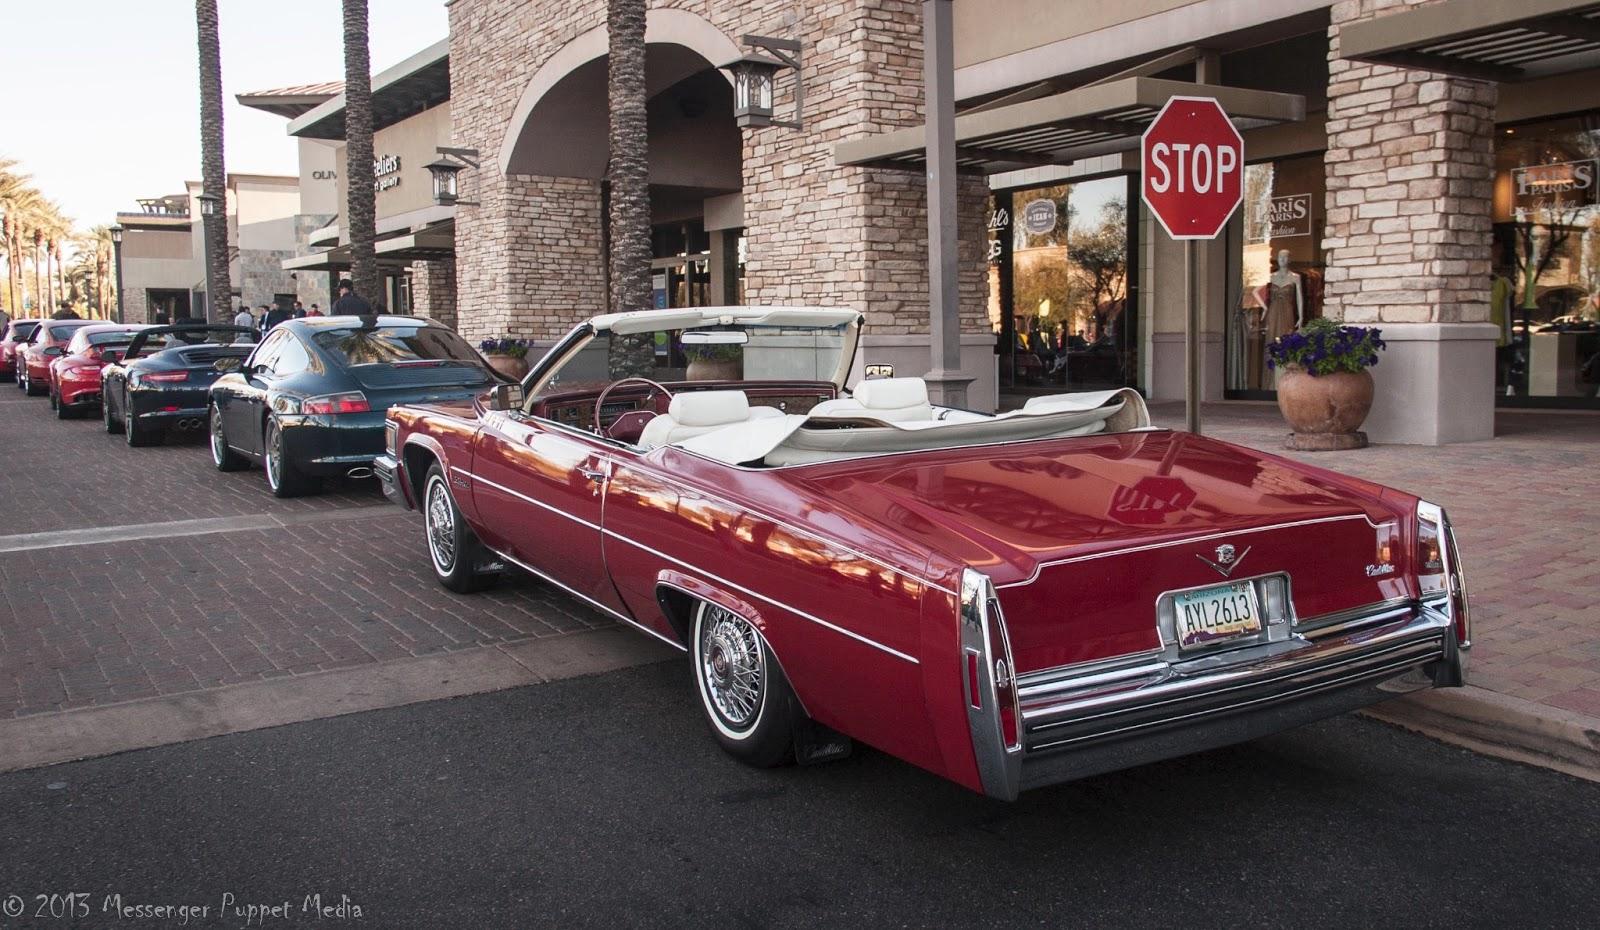 1978 Cadillac coupe de Ville convertible